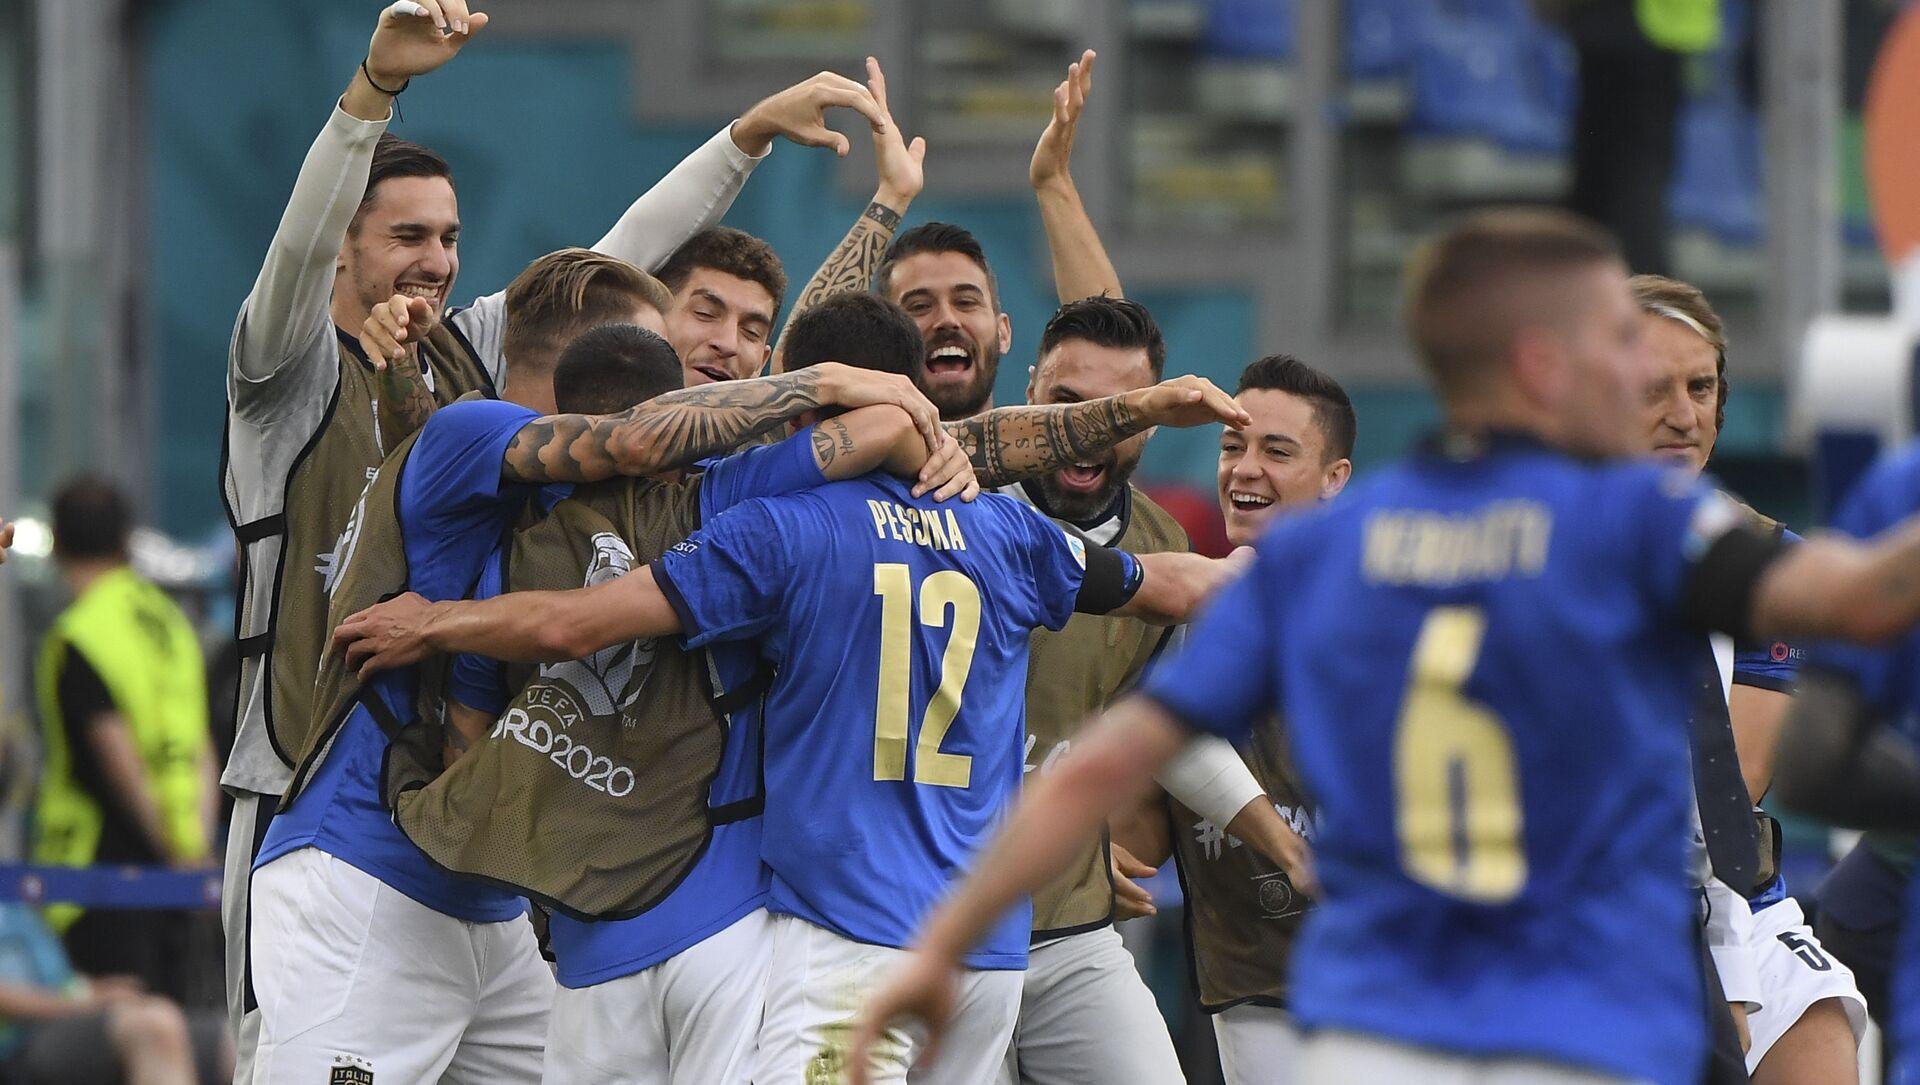 Trận đấu vòng bảng của Giải Vô địch Bóng đá châu Âu EURO 2020 giữa đội tuyển Ý và đội tuyển Xứ Wales - Sputnik Việt Nam, 1920, 21.06.2021